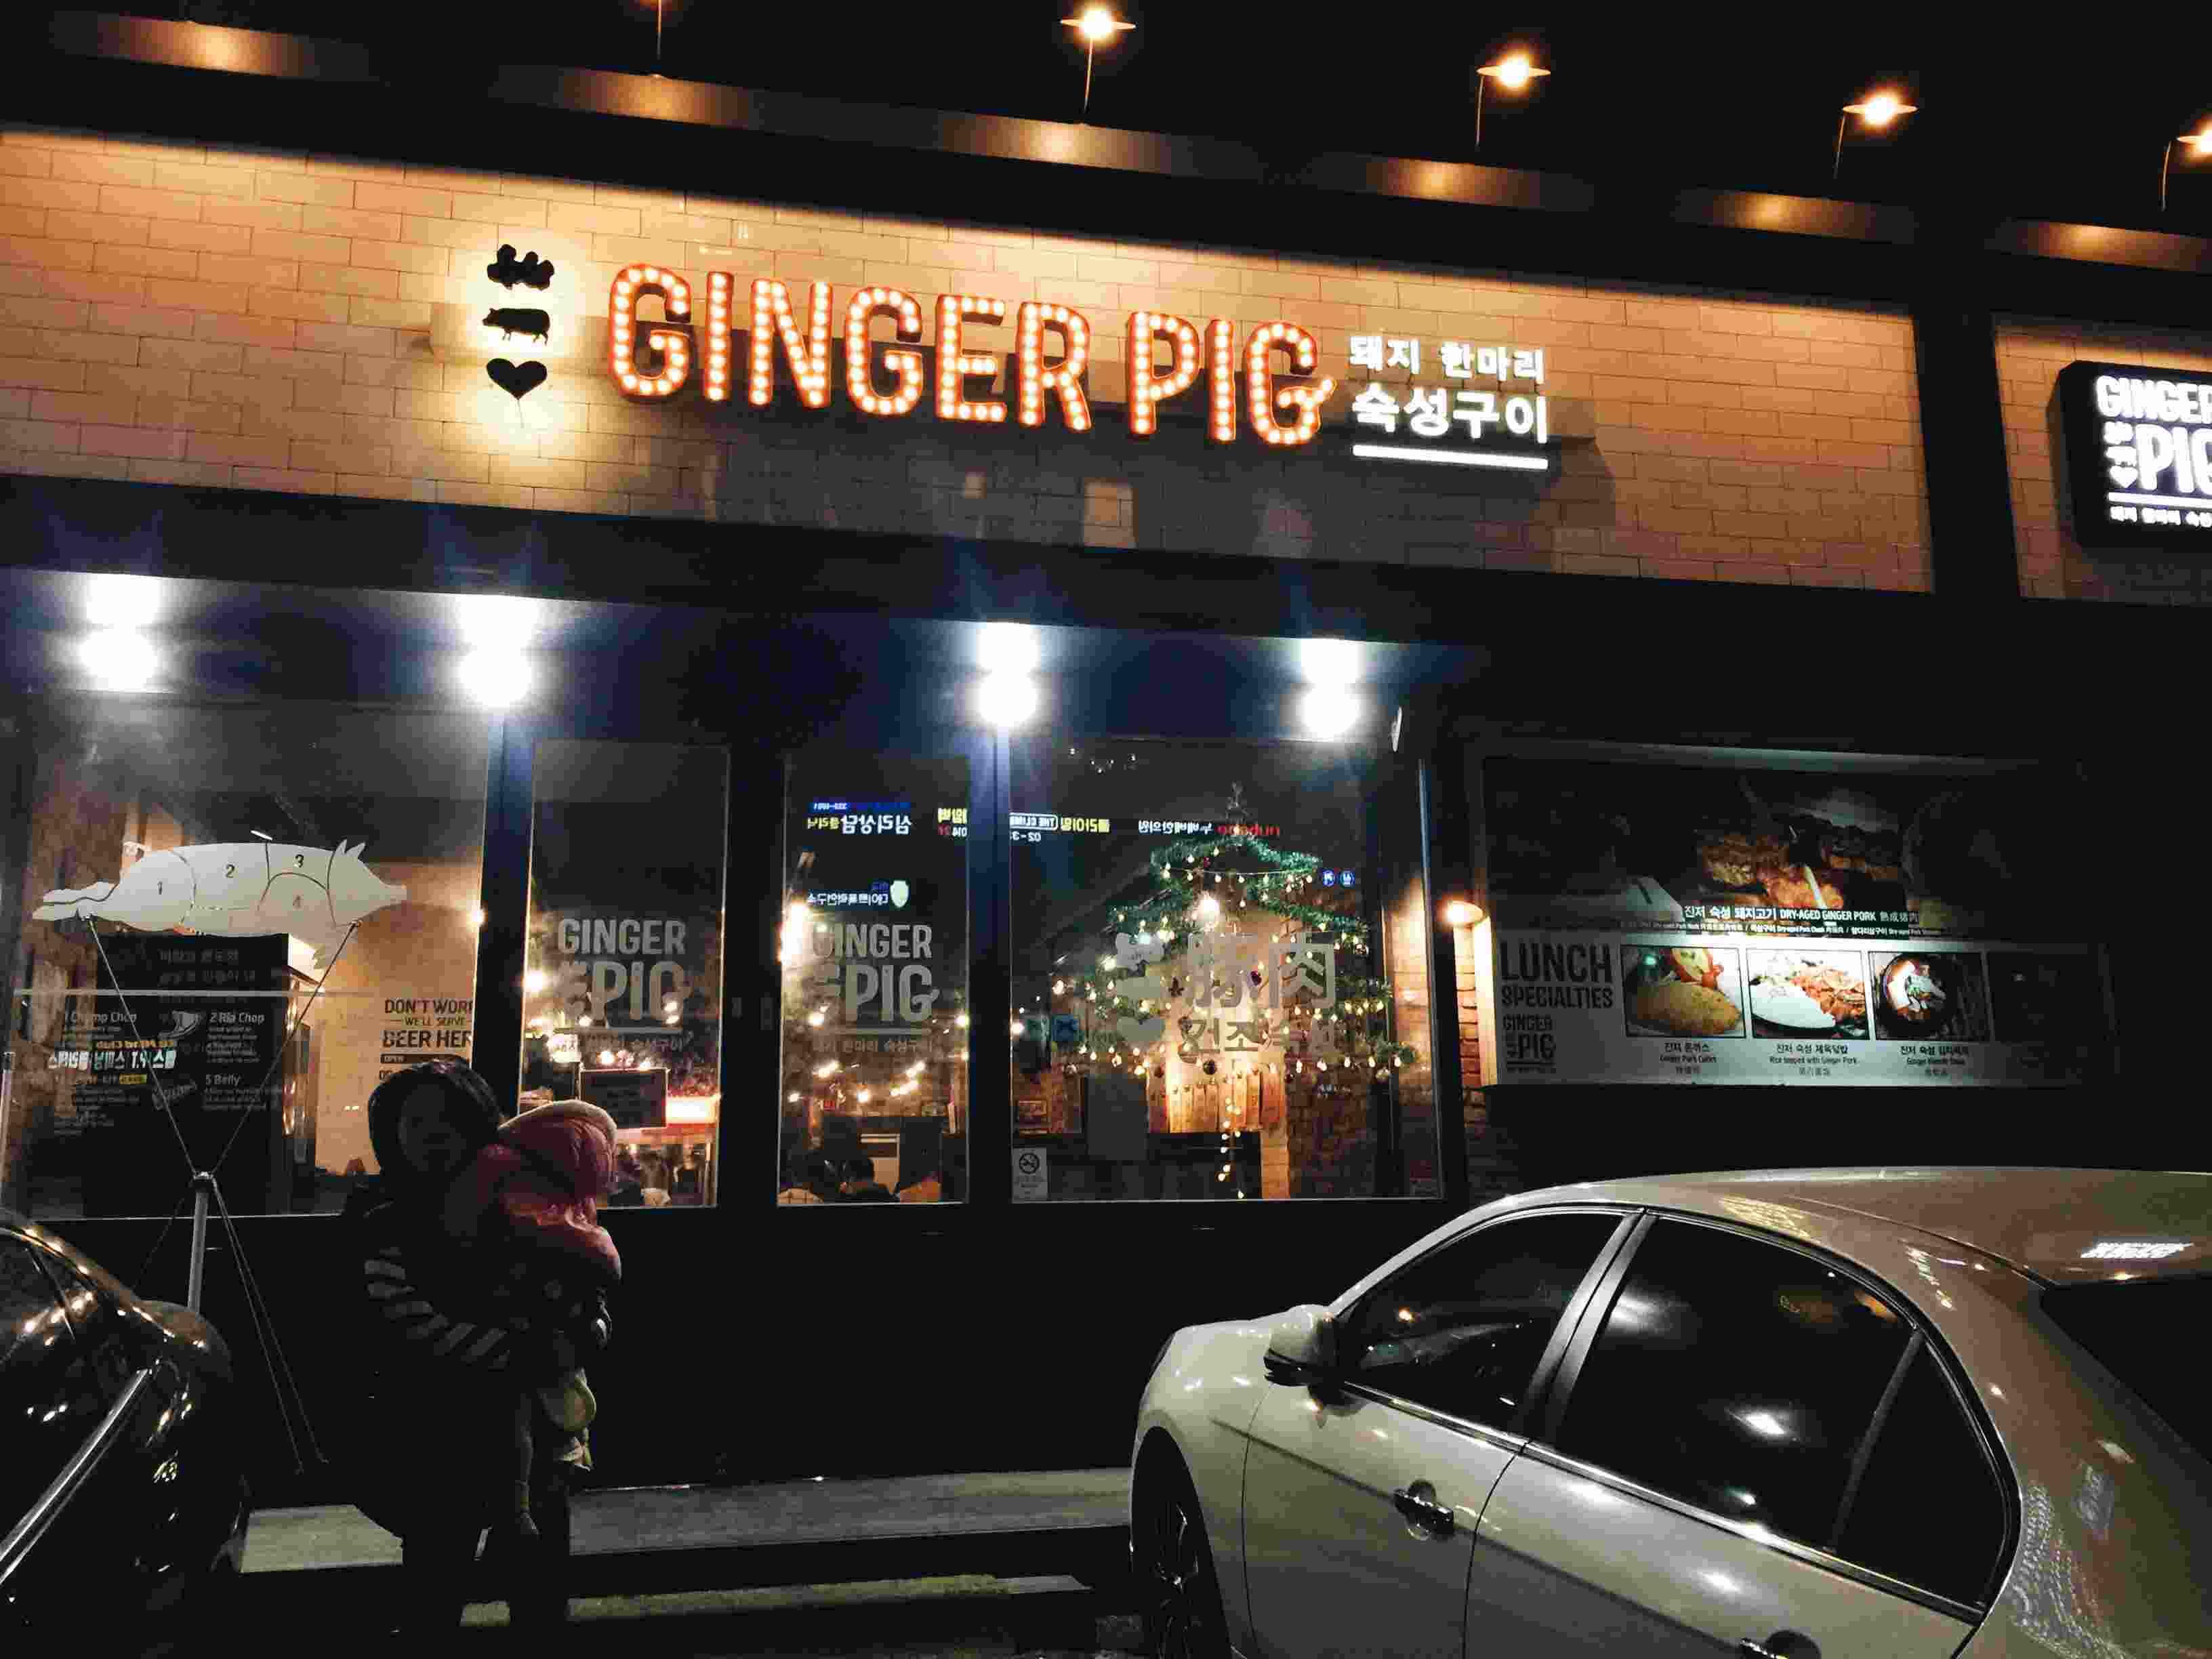 """小編真的非常非常喜歡吃韓國烤肉,但是每次吃完之後都要拿芳香劑全身噴個徹底才敢坐地鐵回家 (只能內心祈禱不要剛好在這時候遇到什麼帥哥),所以一聽朋友說弘大有一間 """"GINGER PIG"""",是吃了不會臭的烤肉店,馬上就衝去吃看看啦!"""